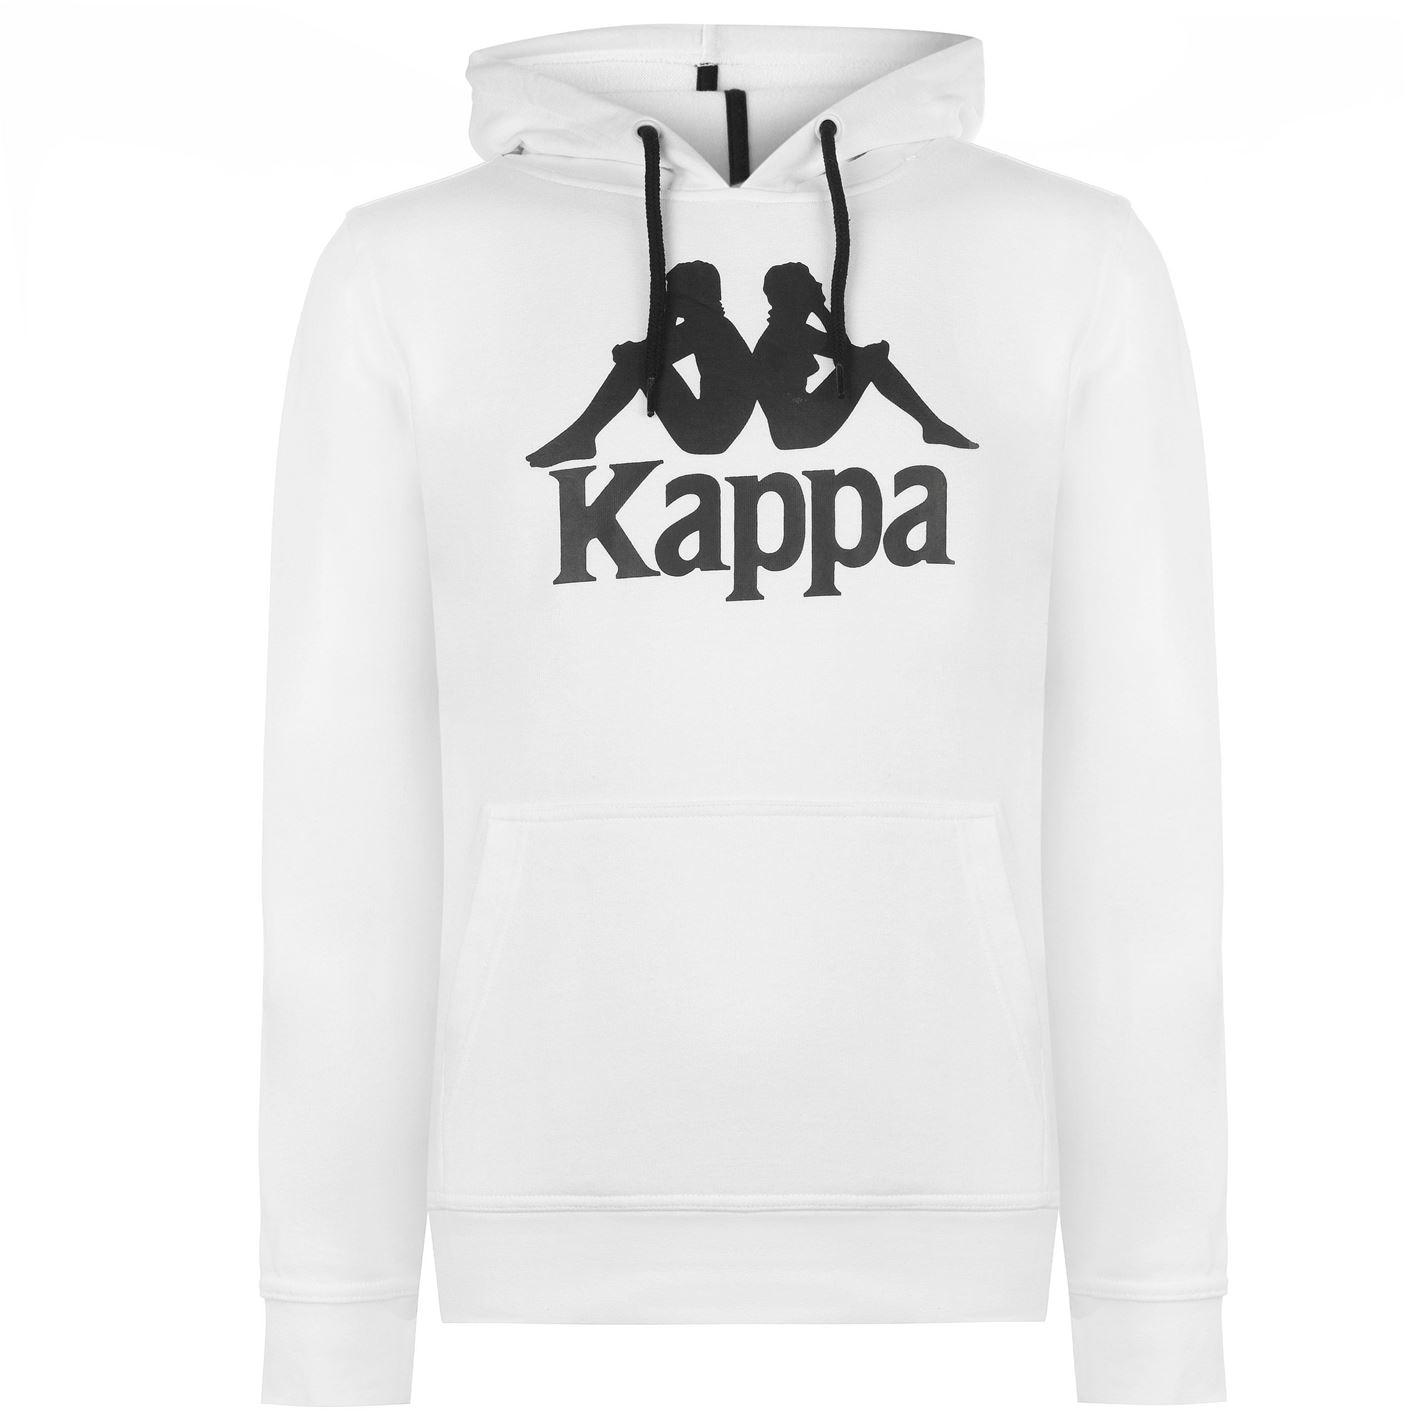 cumpara popular online de vânzare nouă Hanorac-Kappa-Zimim-alb-negru-Hanorace-pentru-barbati - Bluze hanorace -  Barbati - MagazinFotbal.ro